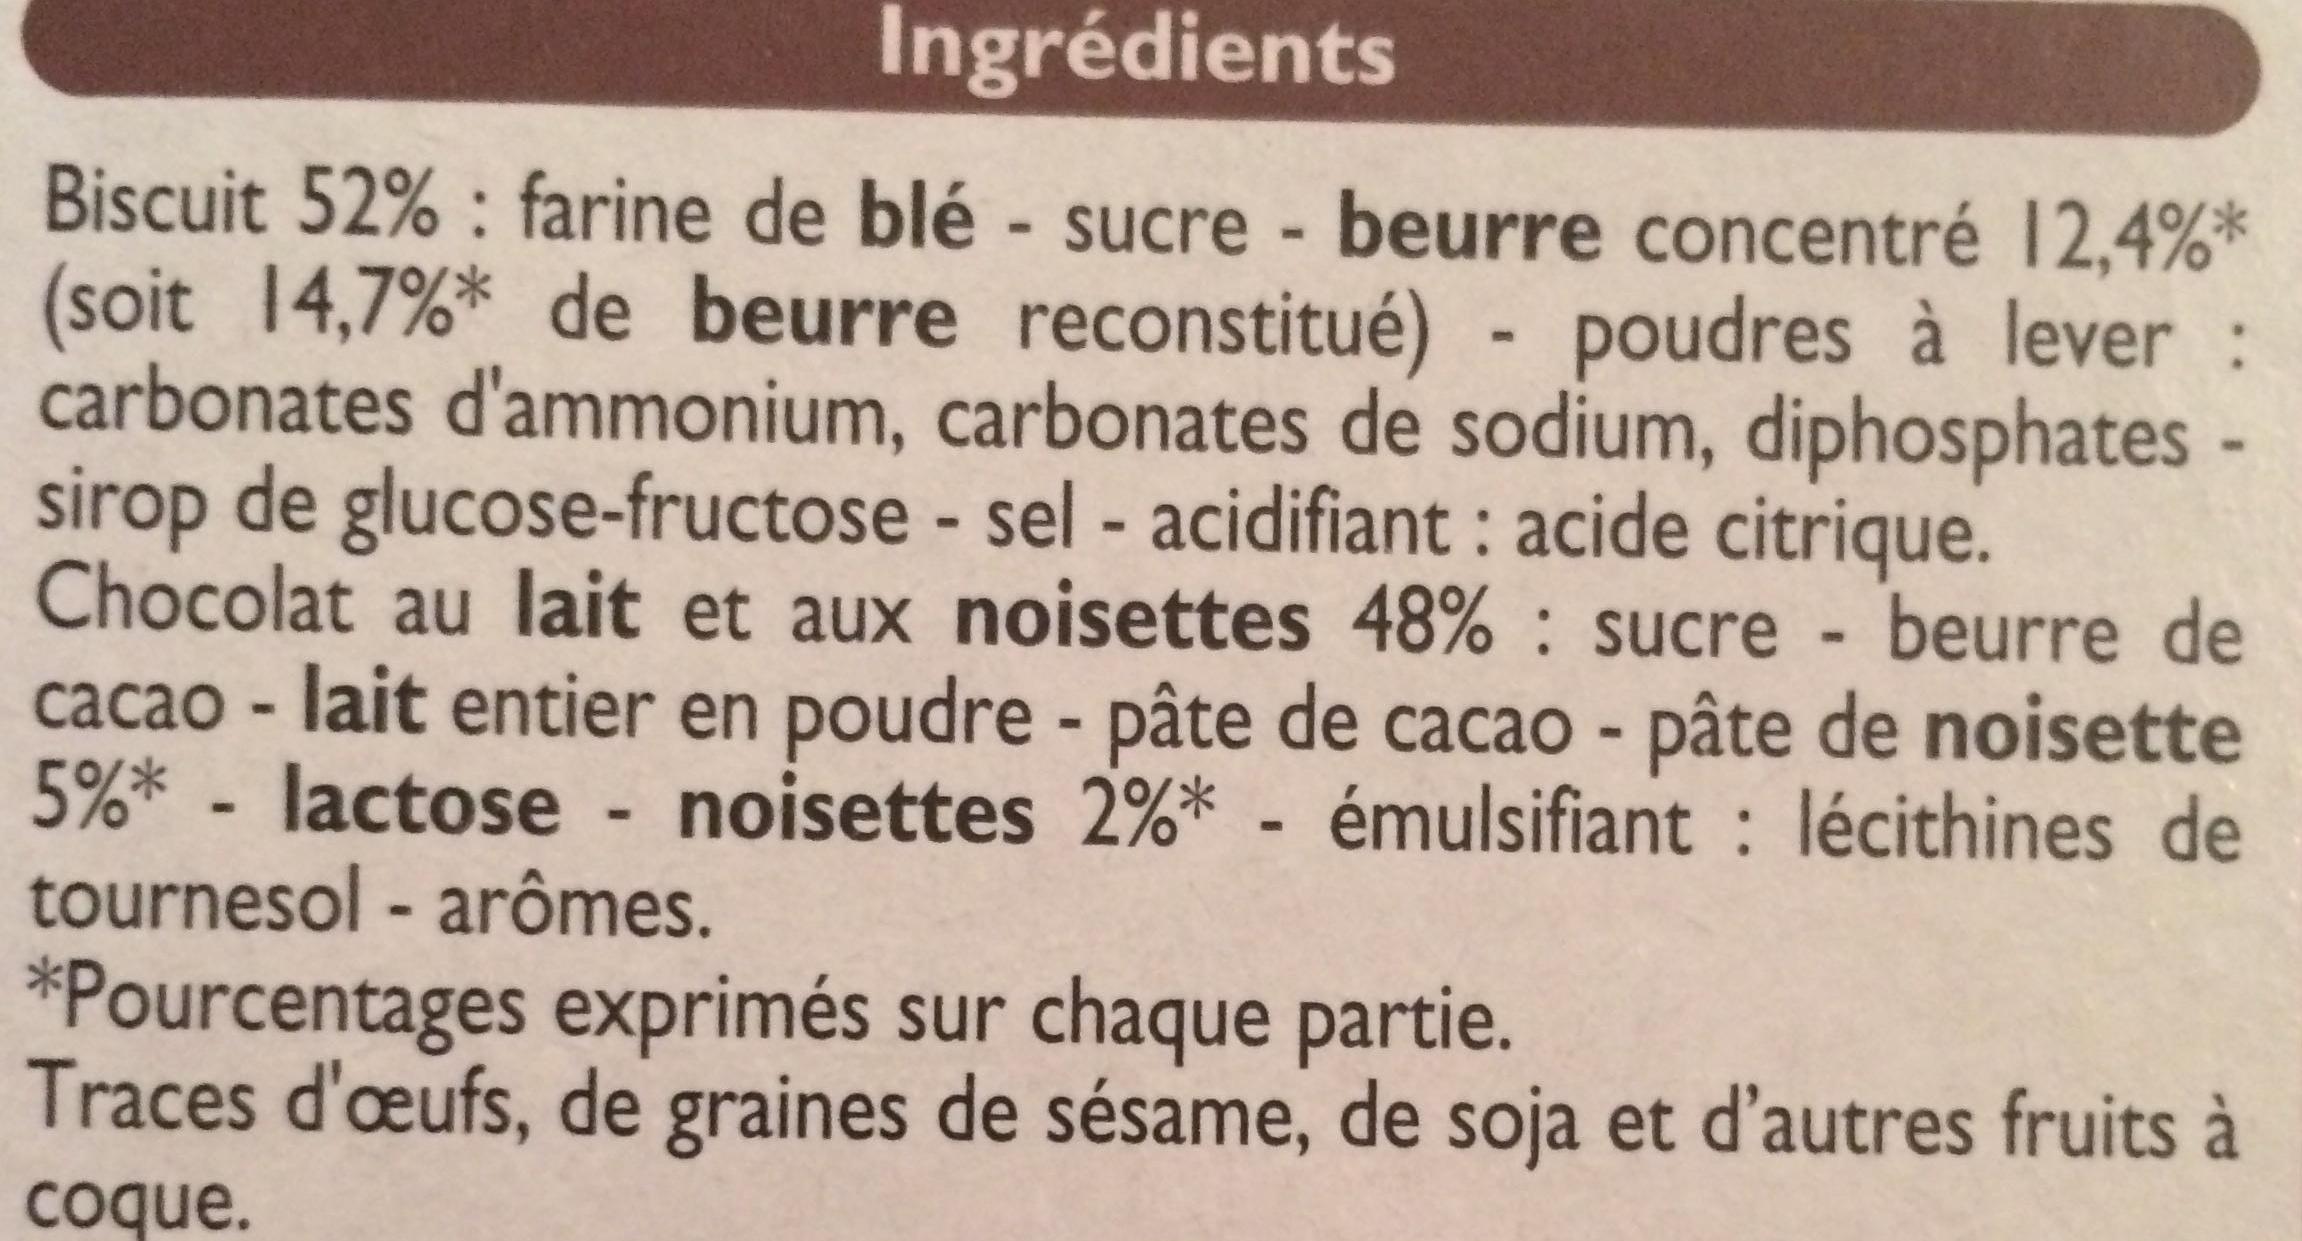 P'tit Sacripant, Petits Beurre Chocolat au Lait aux Noisettes - Ingredients - fr